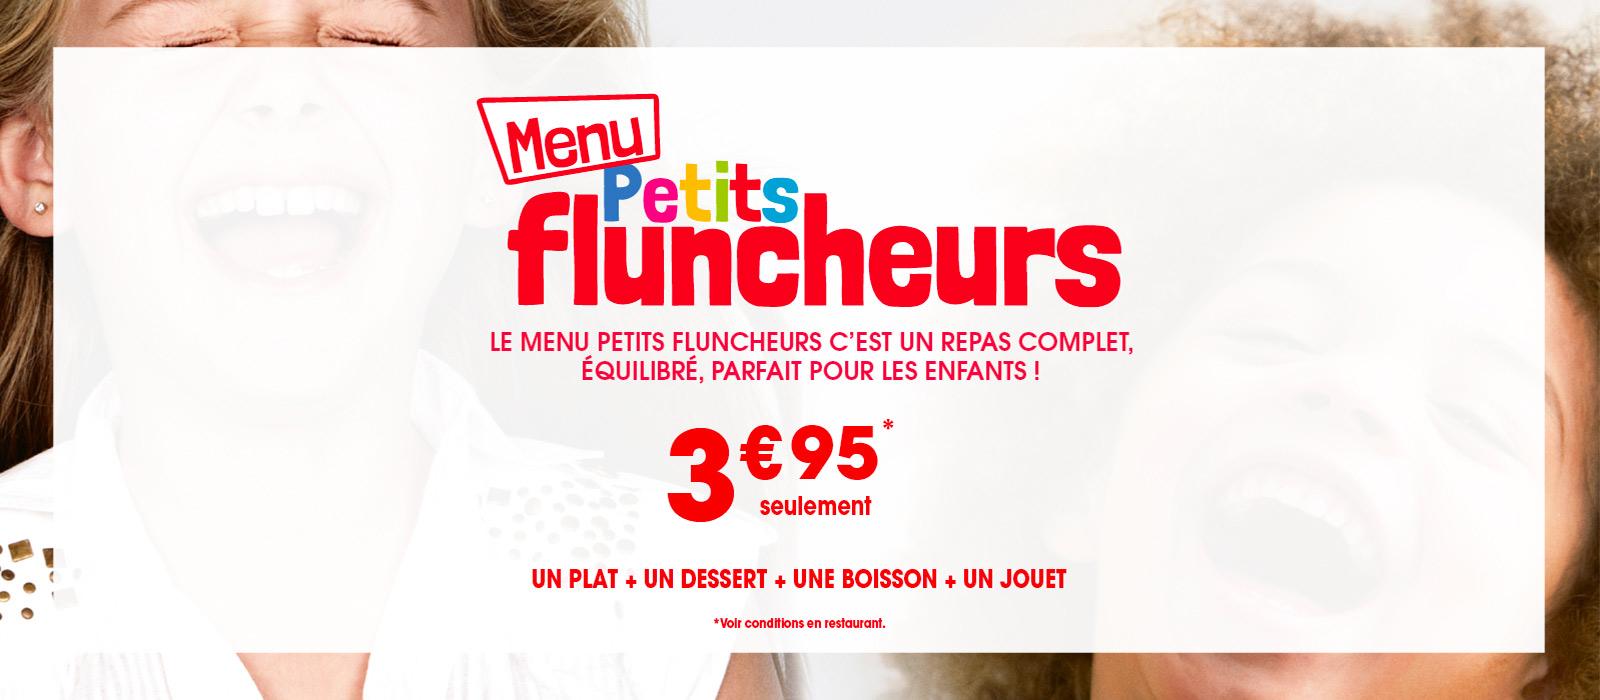 menu enfant flunch